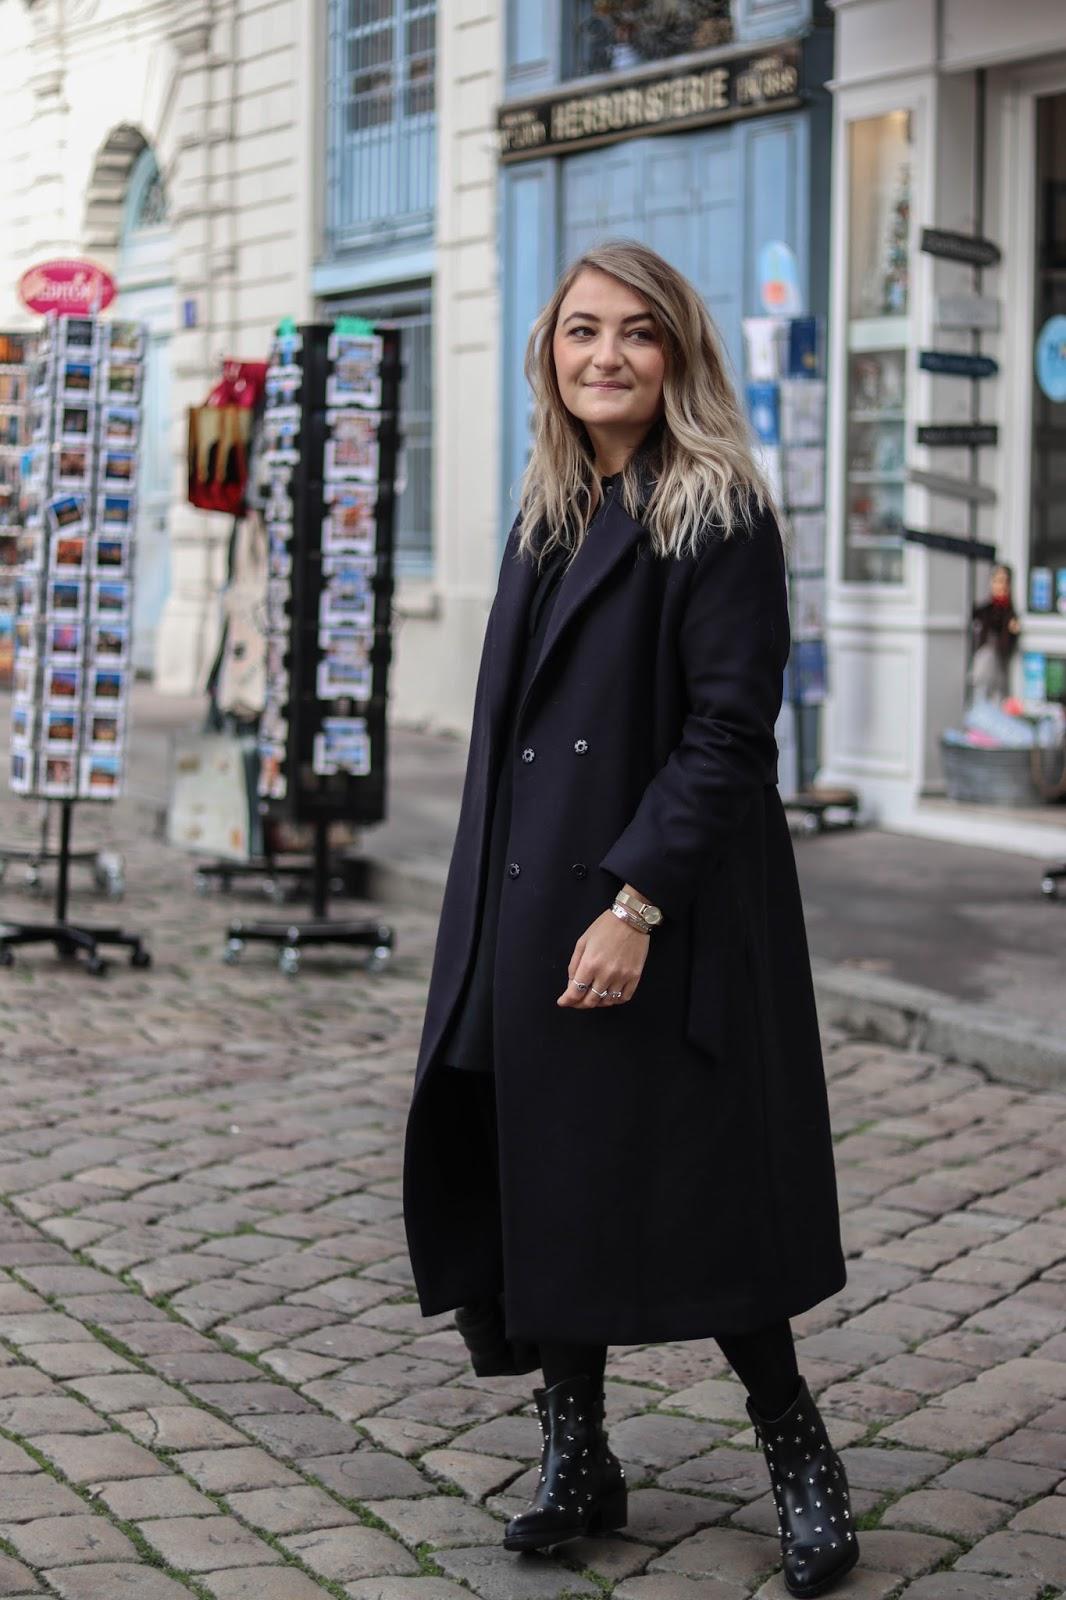 manteau long promod parisgrenoble